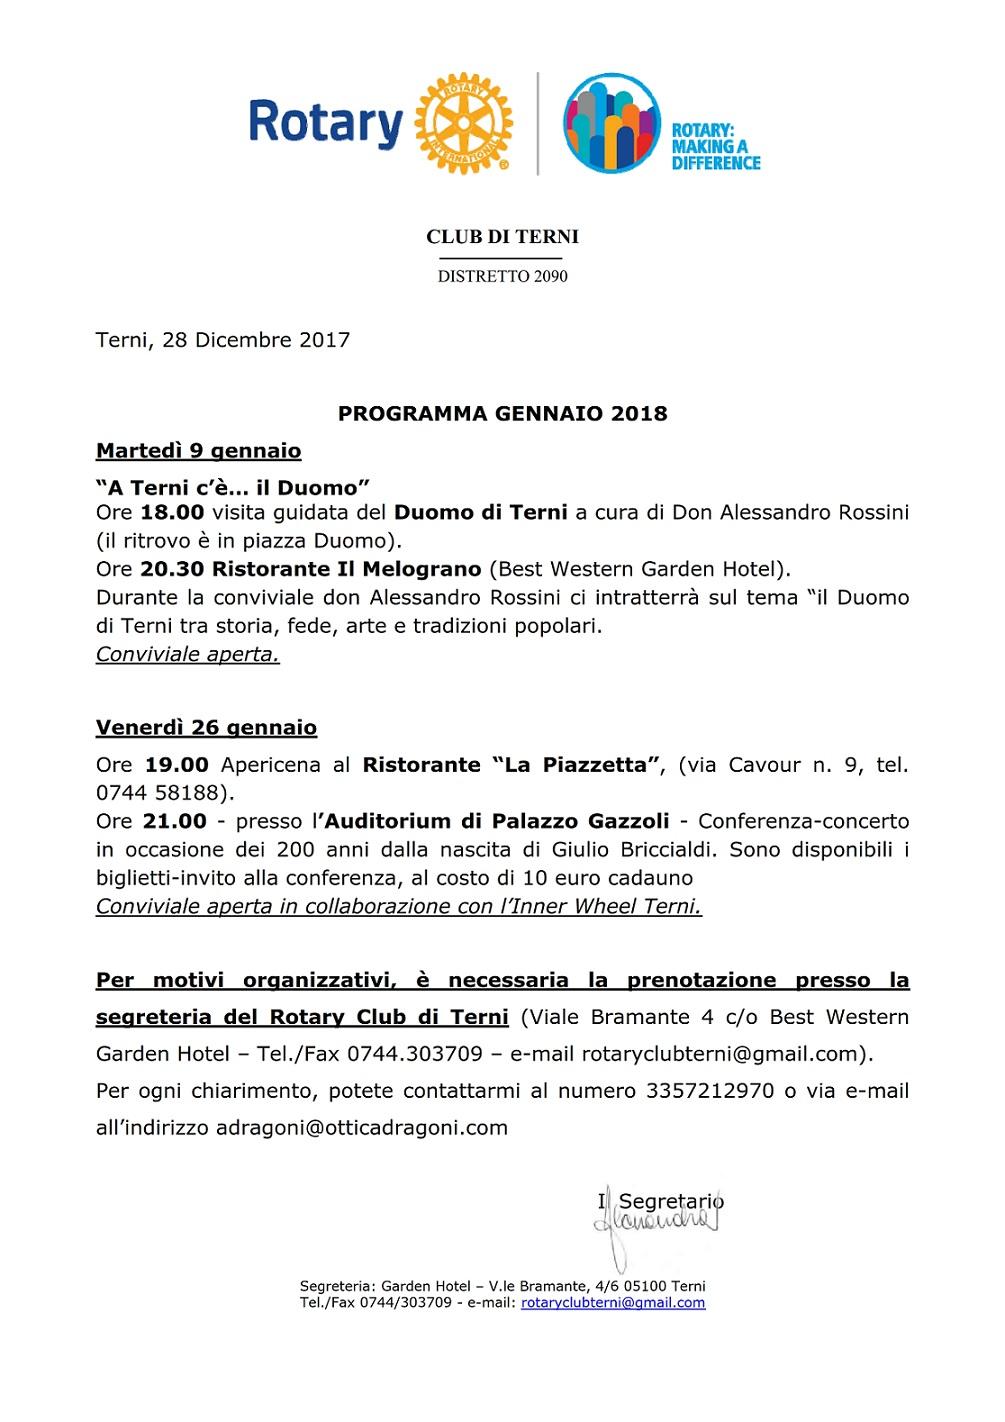 Programma Gennaio 2018_001